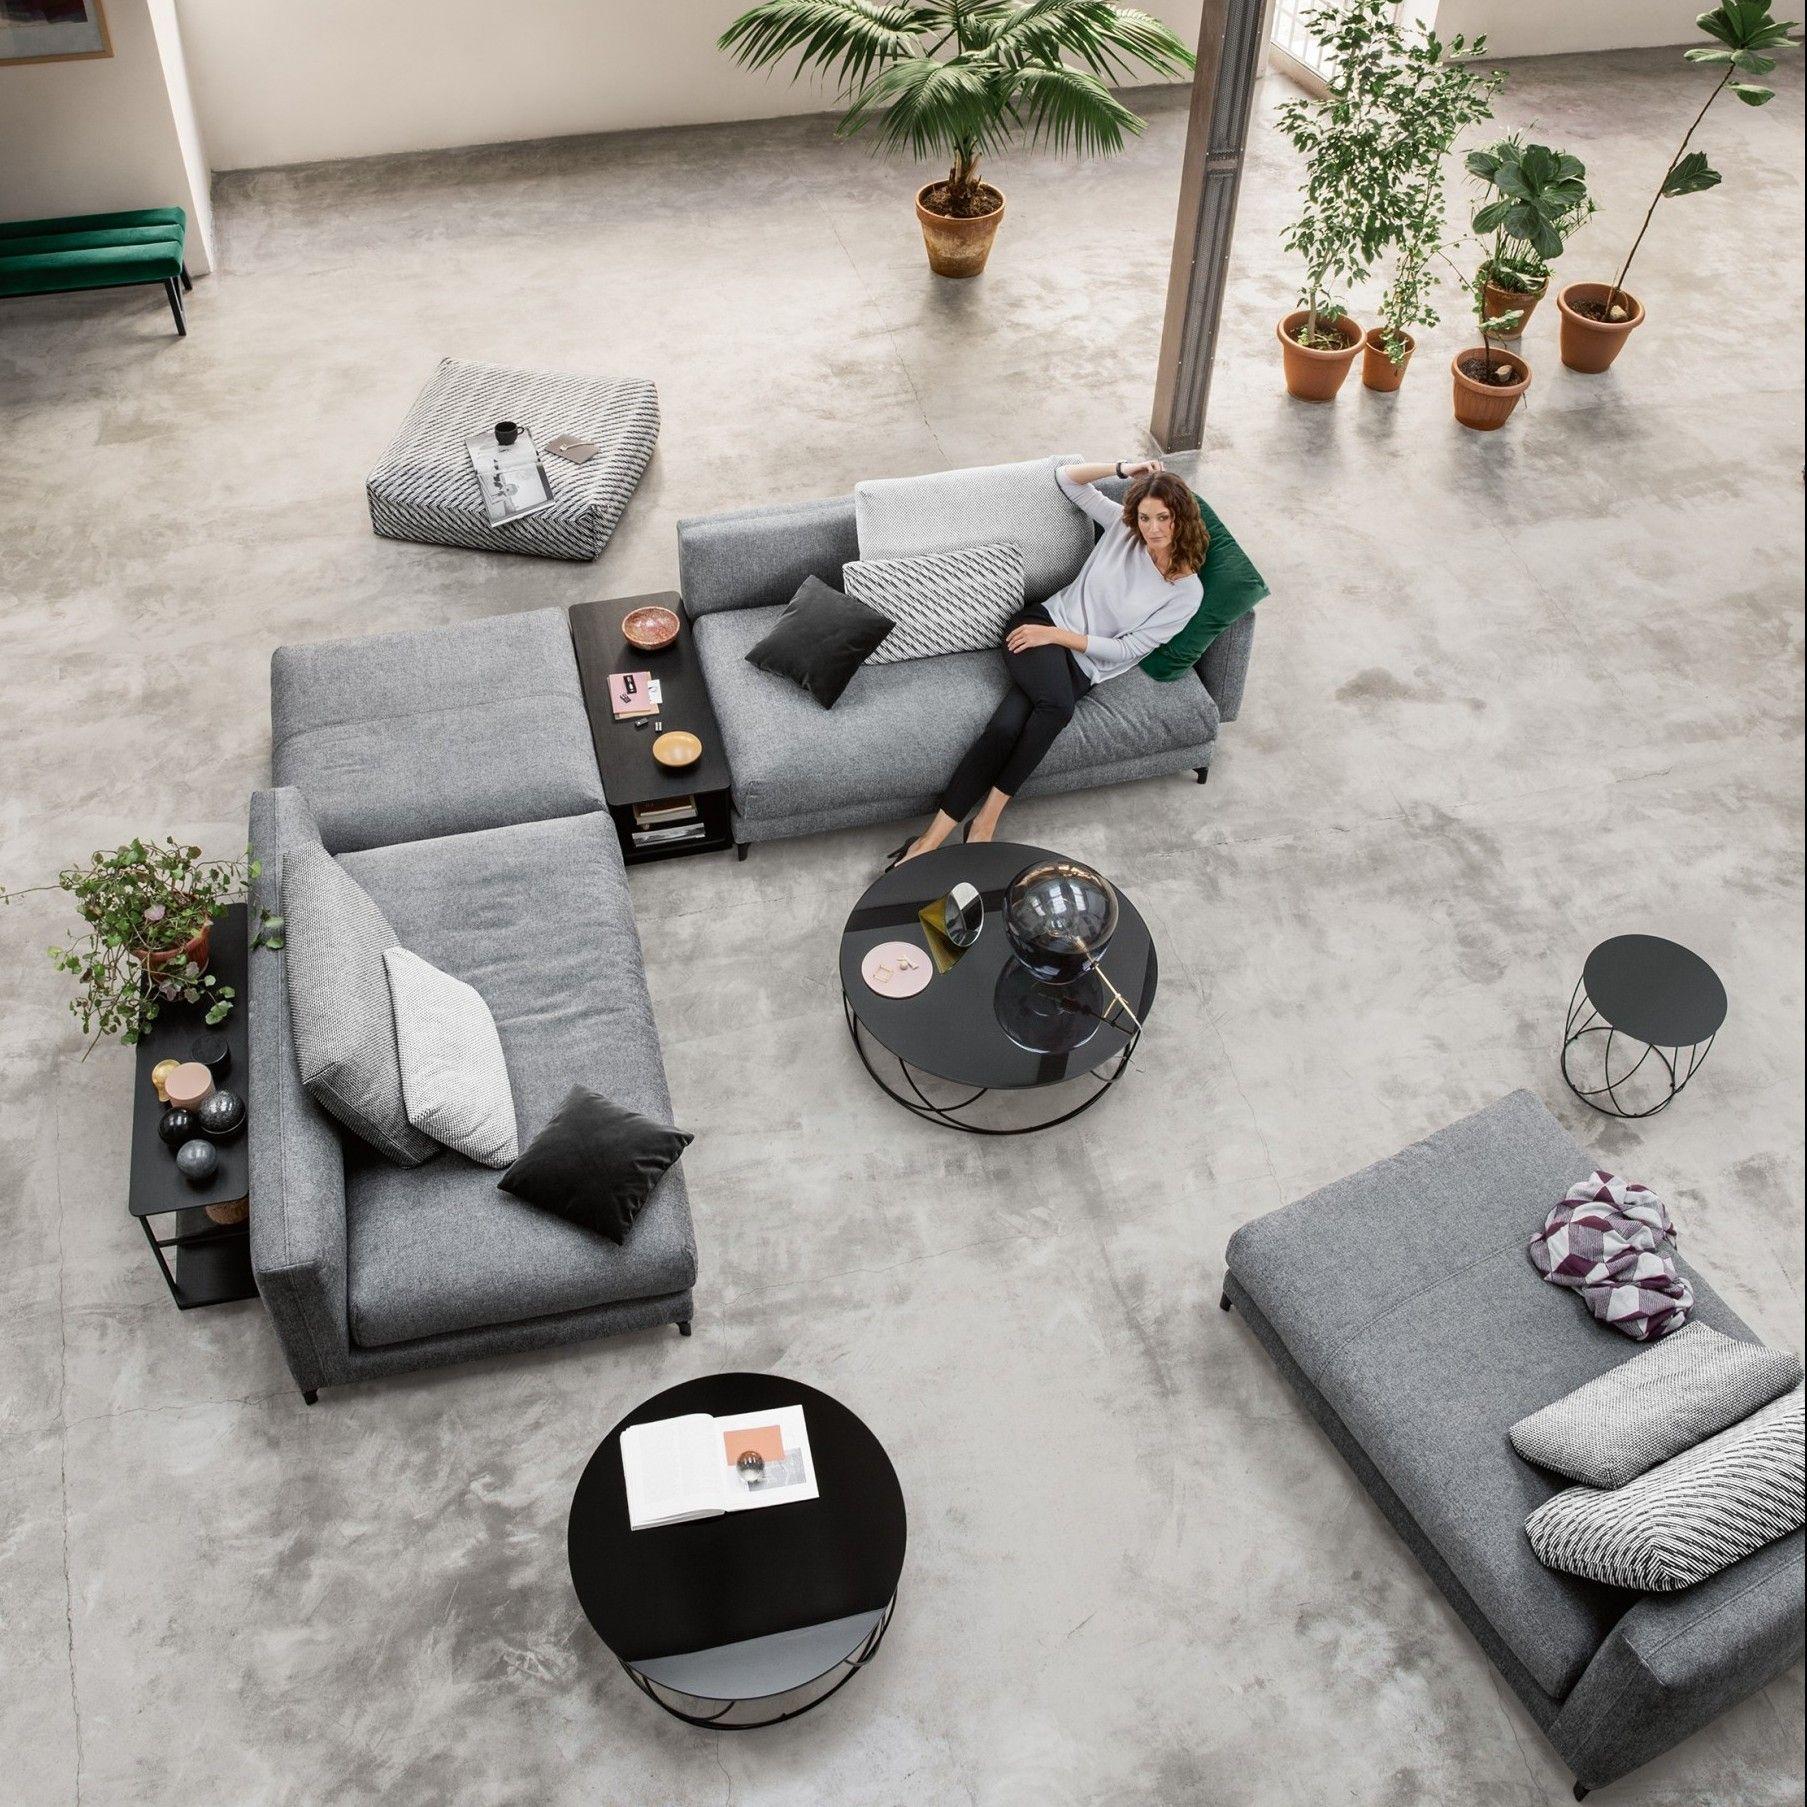 ROLF BENZ Nuvola Sofa | interieur Sanne | Pinterest | Wohnzimmer ...